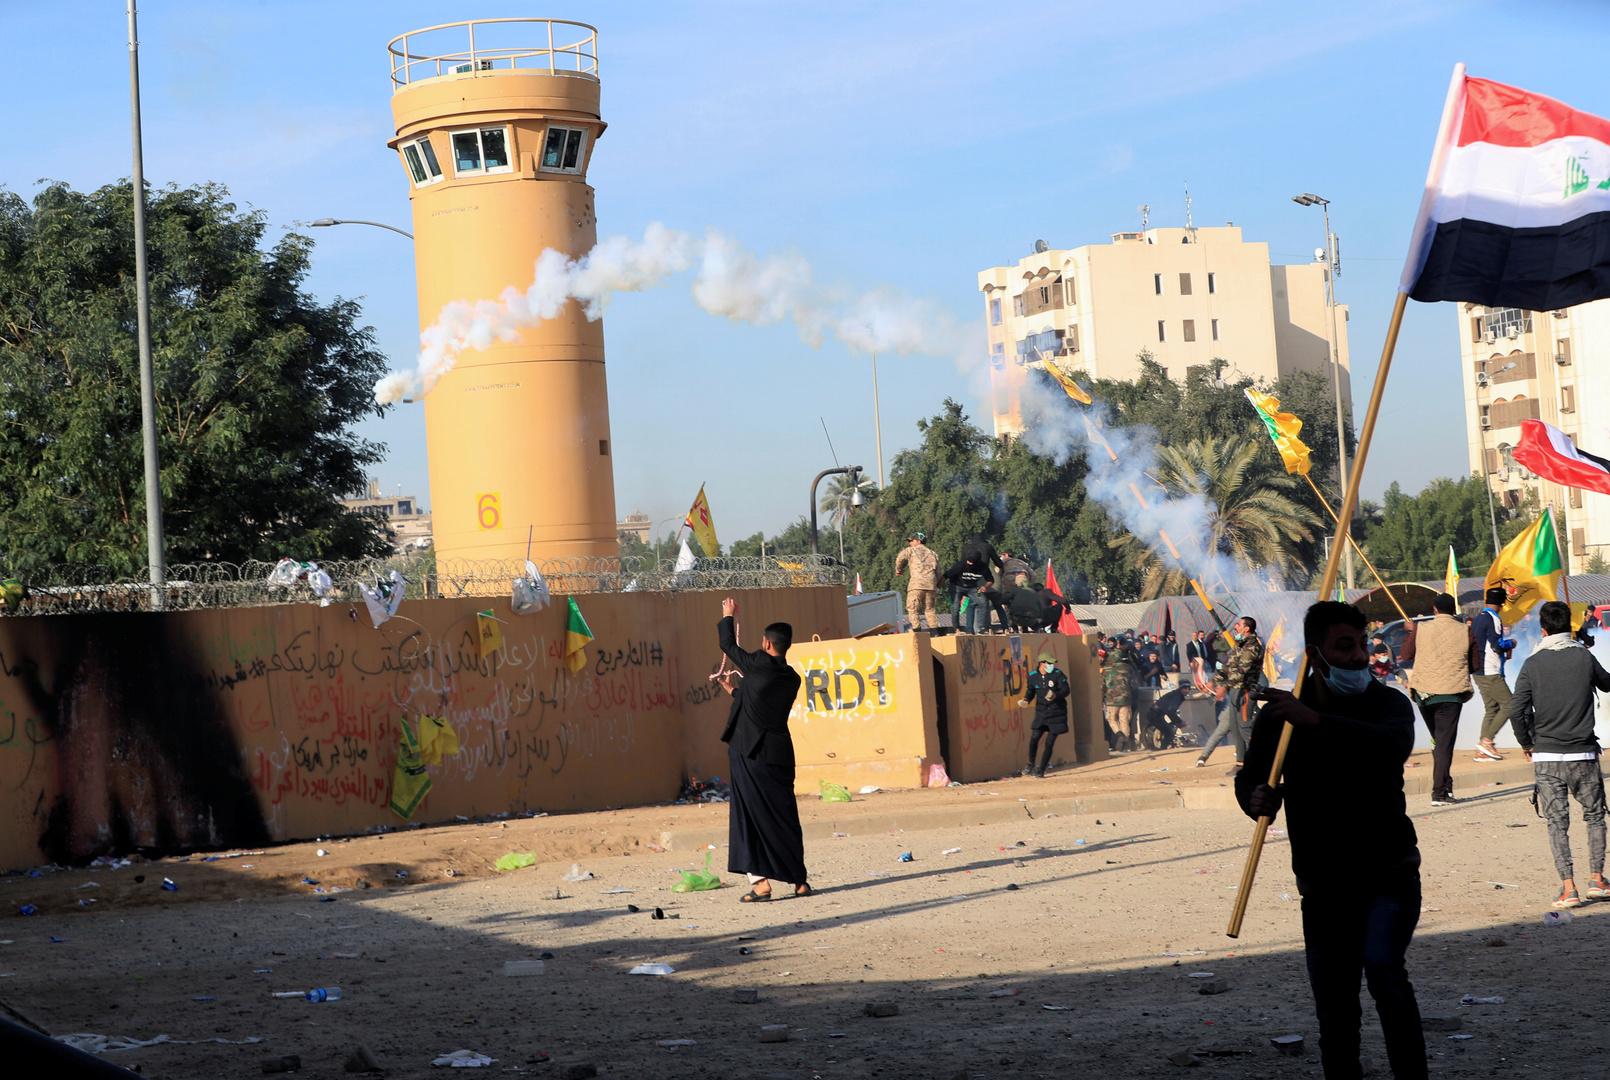 السلطات العراقية تفتح تحقيقا بسقوط صاروخ في بغداد